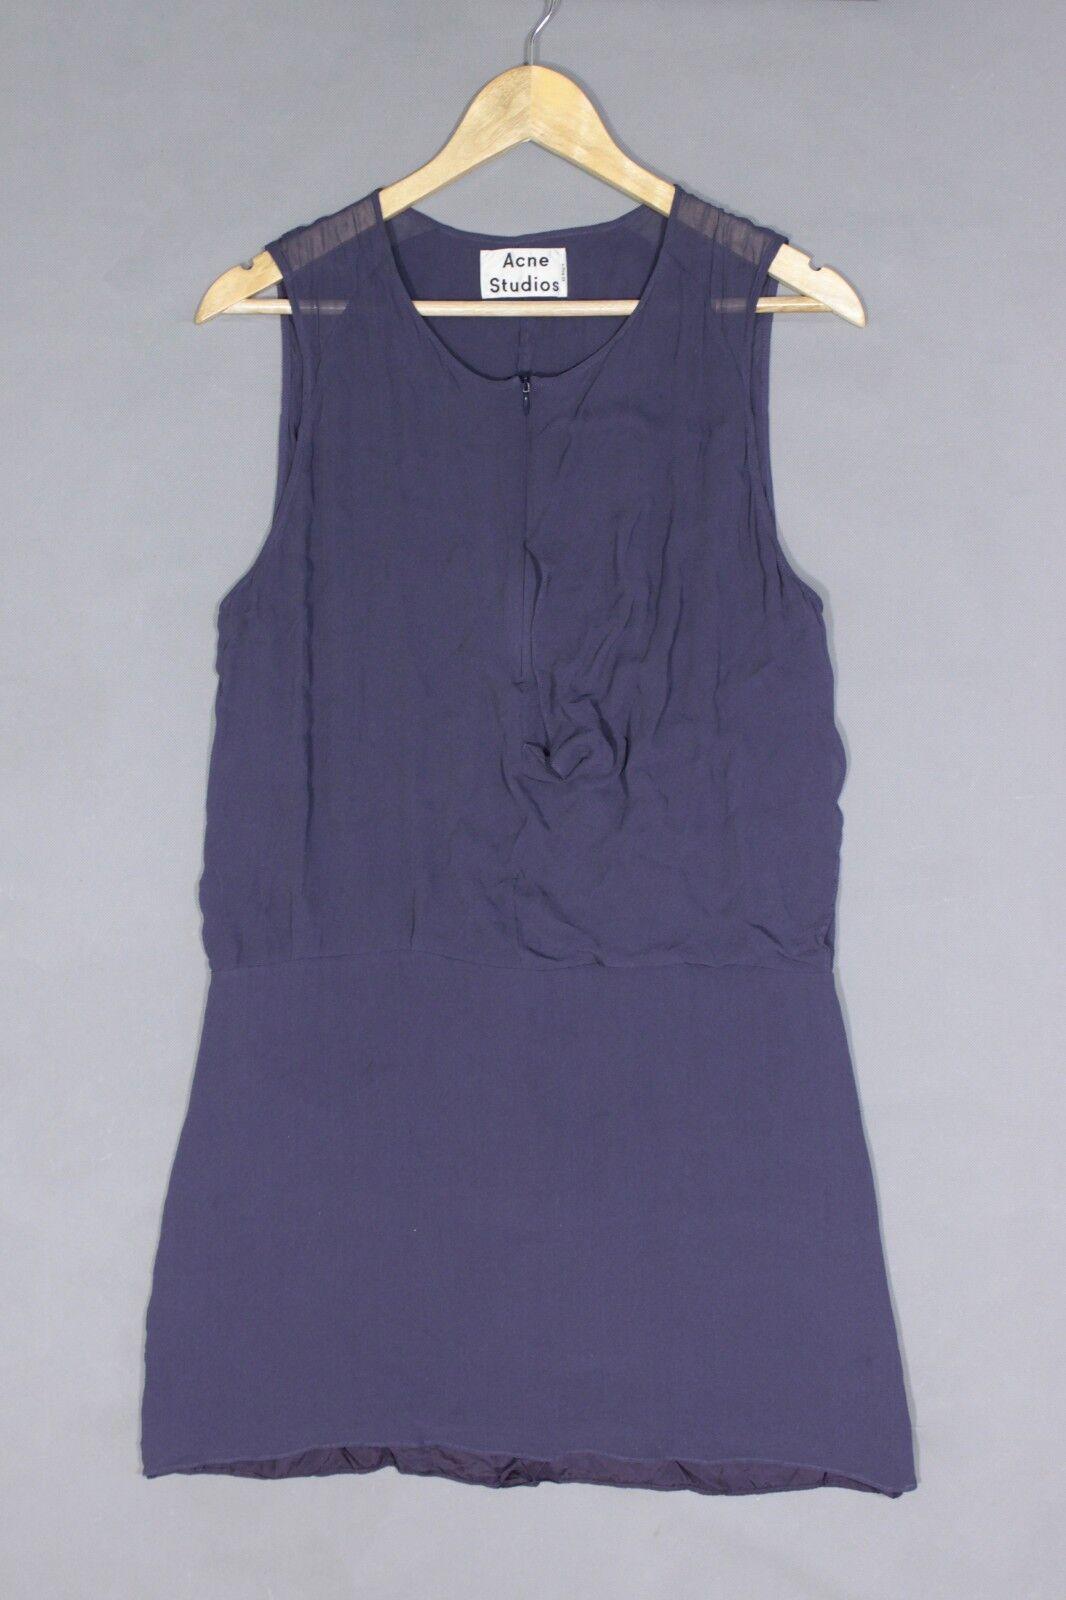 2926ff5ec6f Acne Studios Twist LT 100% Dress Silk nzrmrv12684-Dresses - www ...